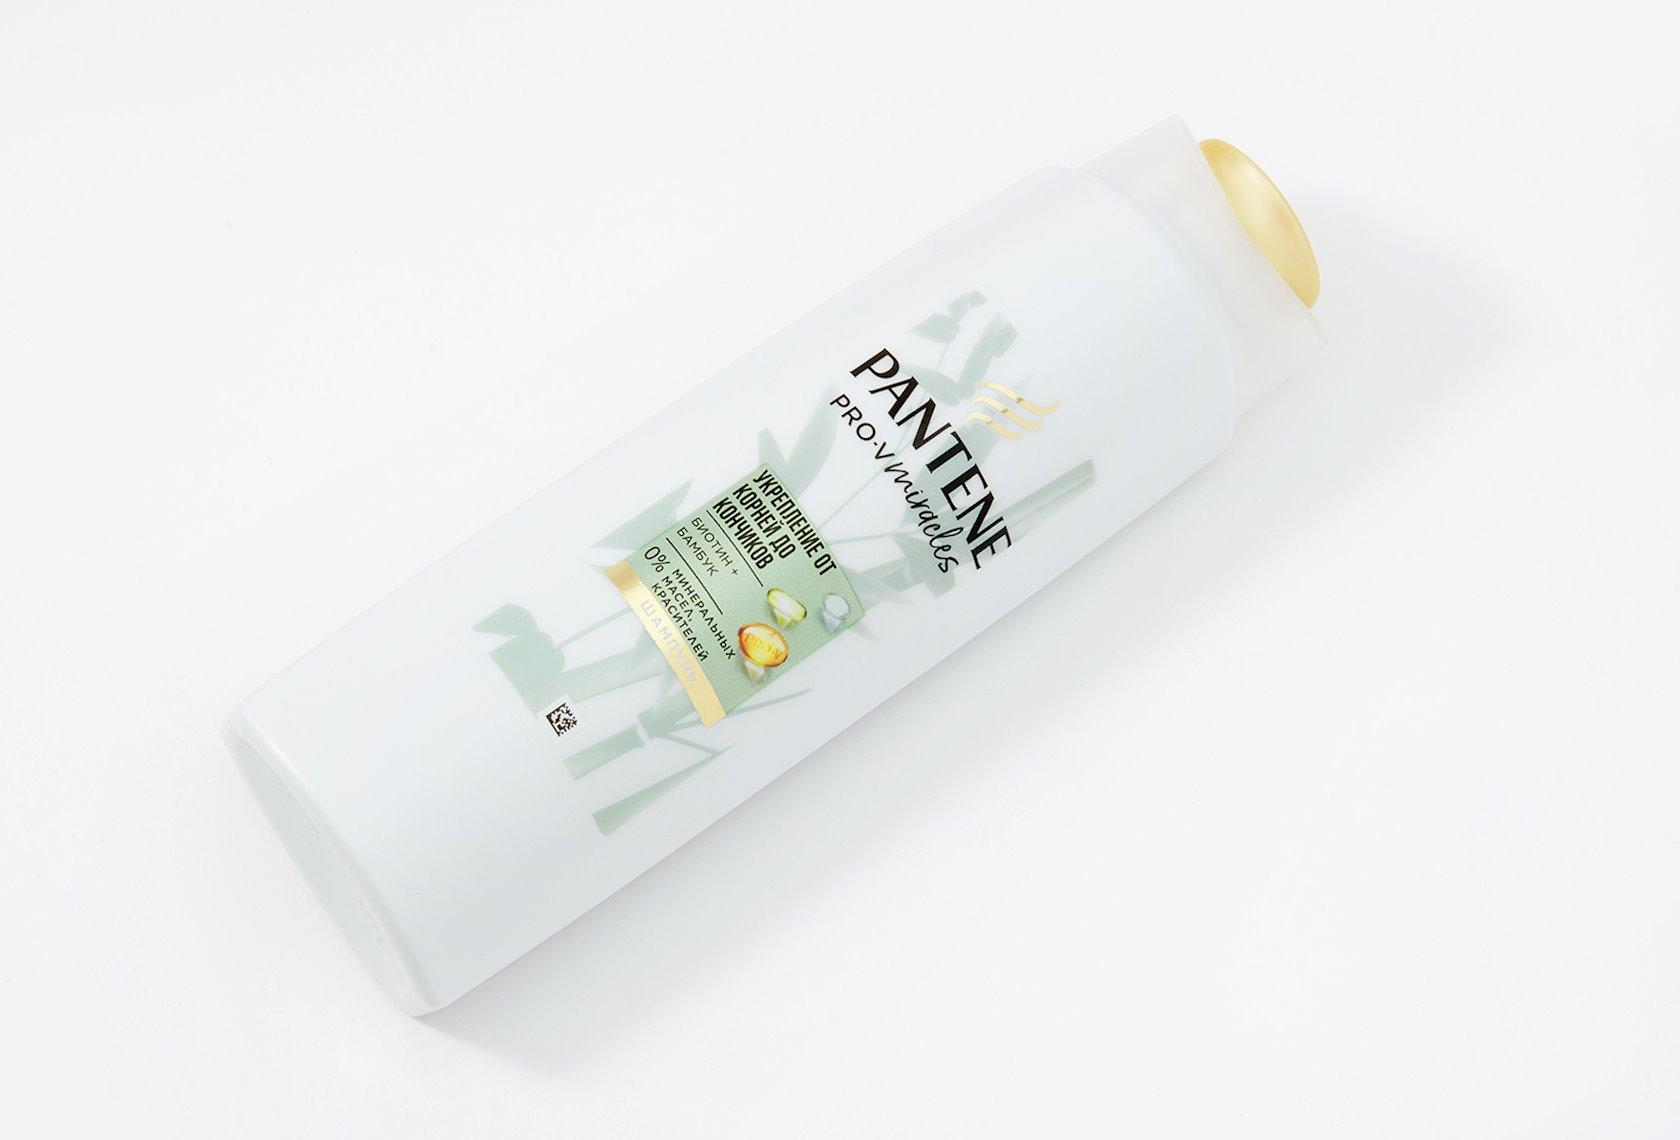 Şampun Pantene Kökdən uca qədər gücləndirmə bambuk və biotin ilə 300 ml